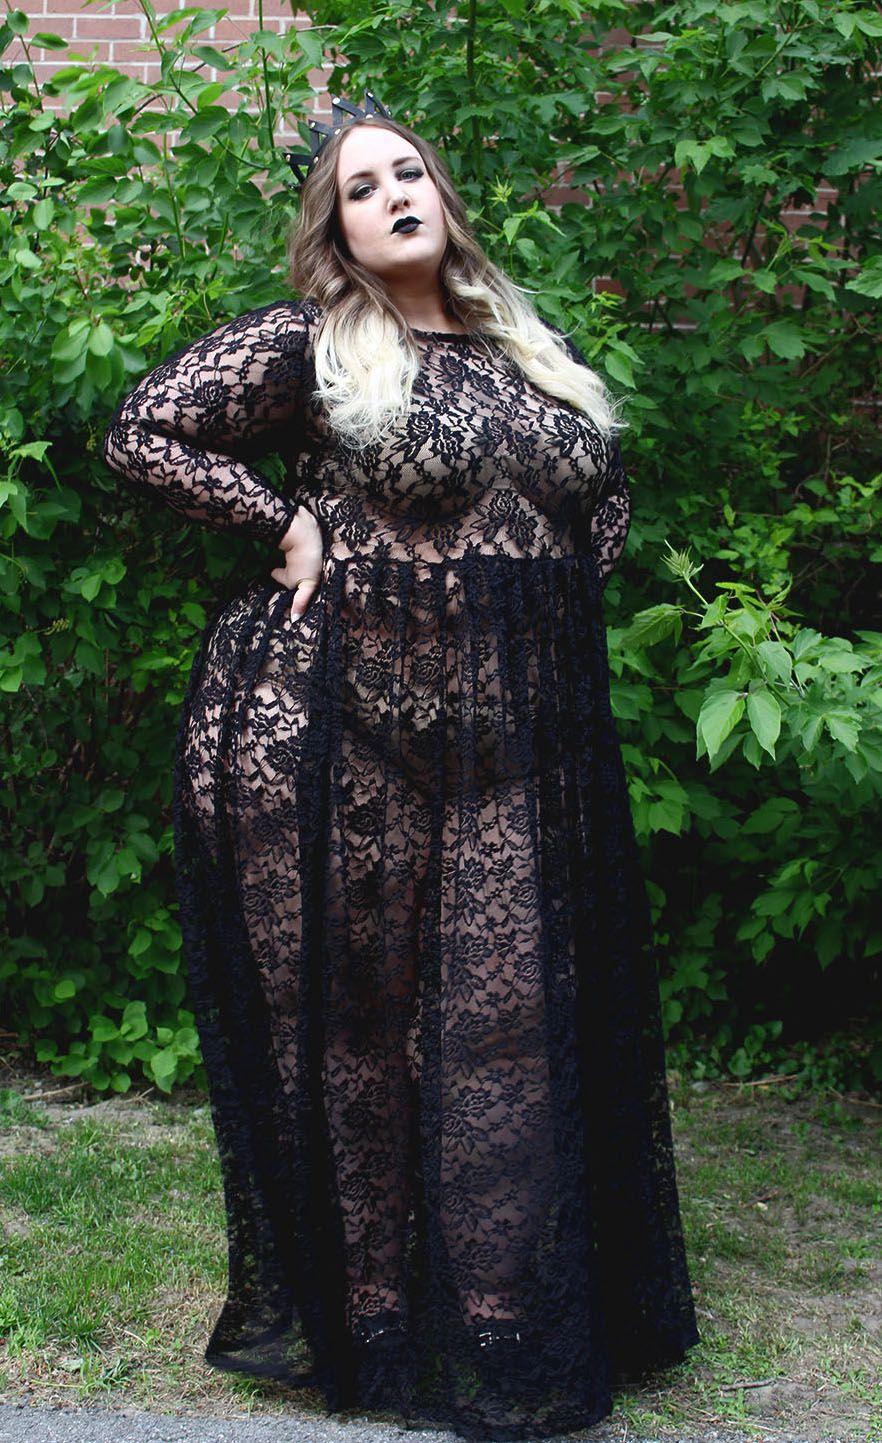 from Adrien sexy gothic women bbw